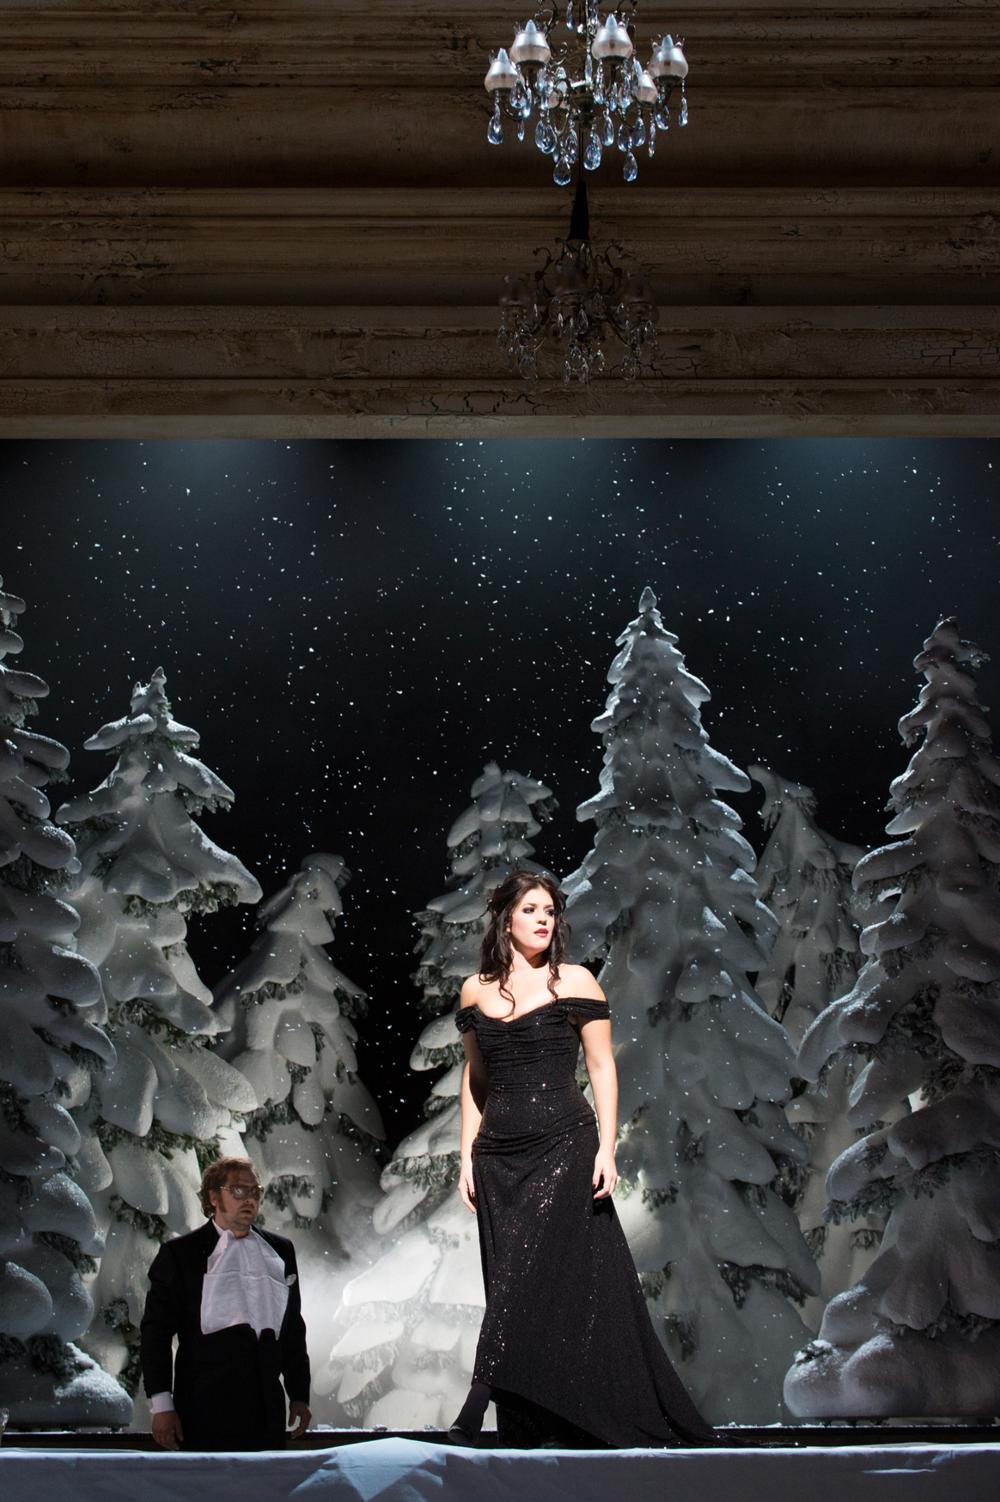 Als betörende Femme fatale, die den verlassenen Marcello im Handumdrehen wieder für sich einnimmt, punktet sie auf jeden Fall. -